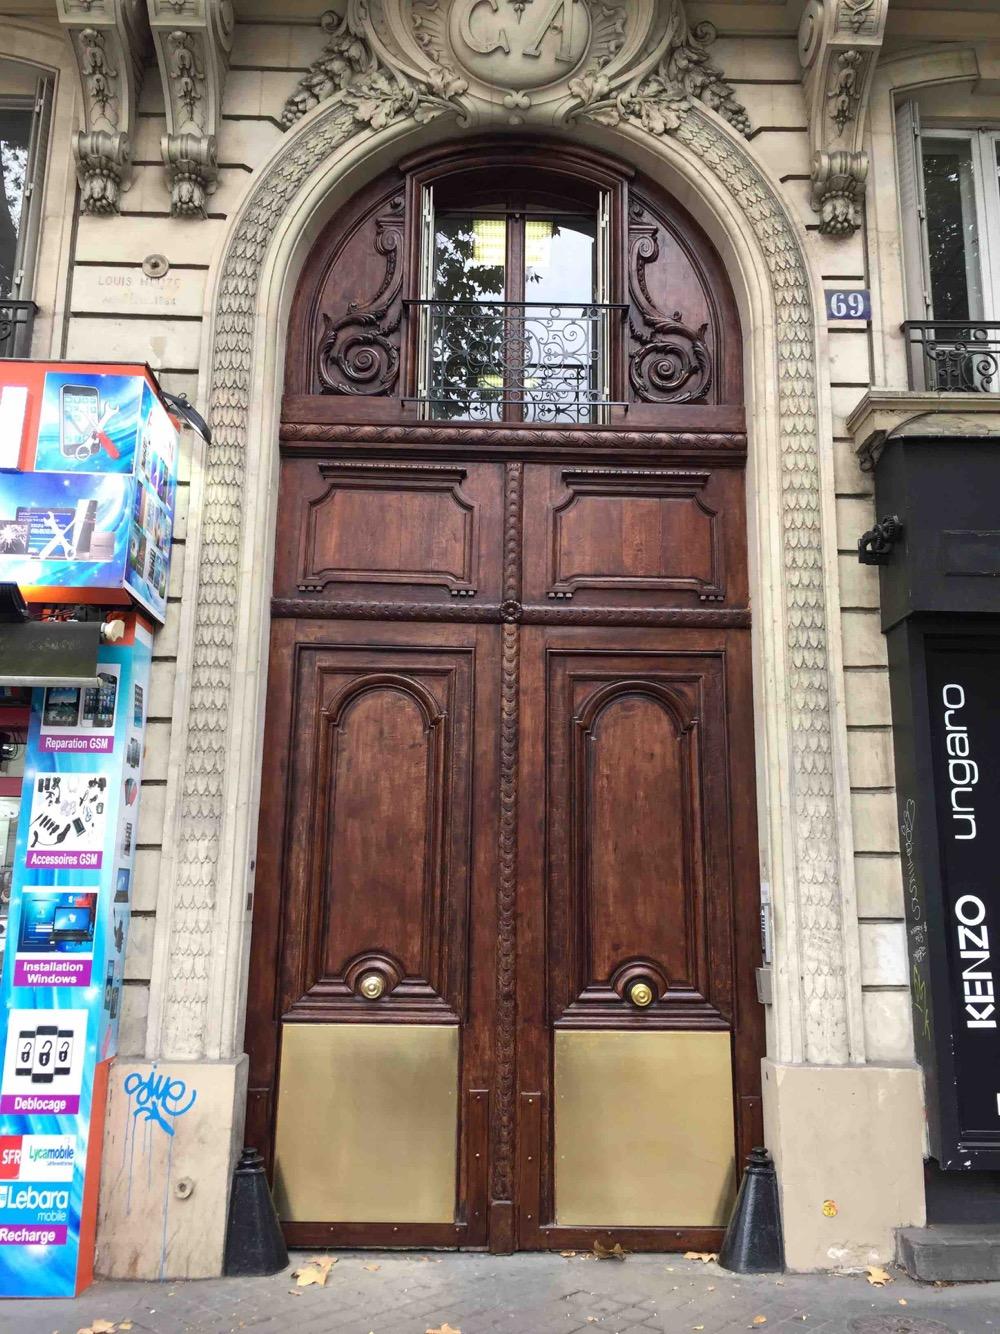 Porte Cochère Avec Parquet Protégé Par Un Grand Parement Laiton - Paris